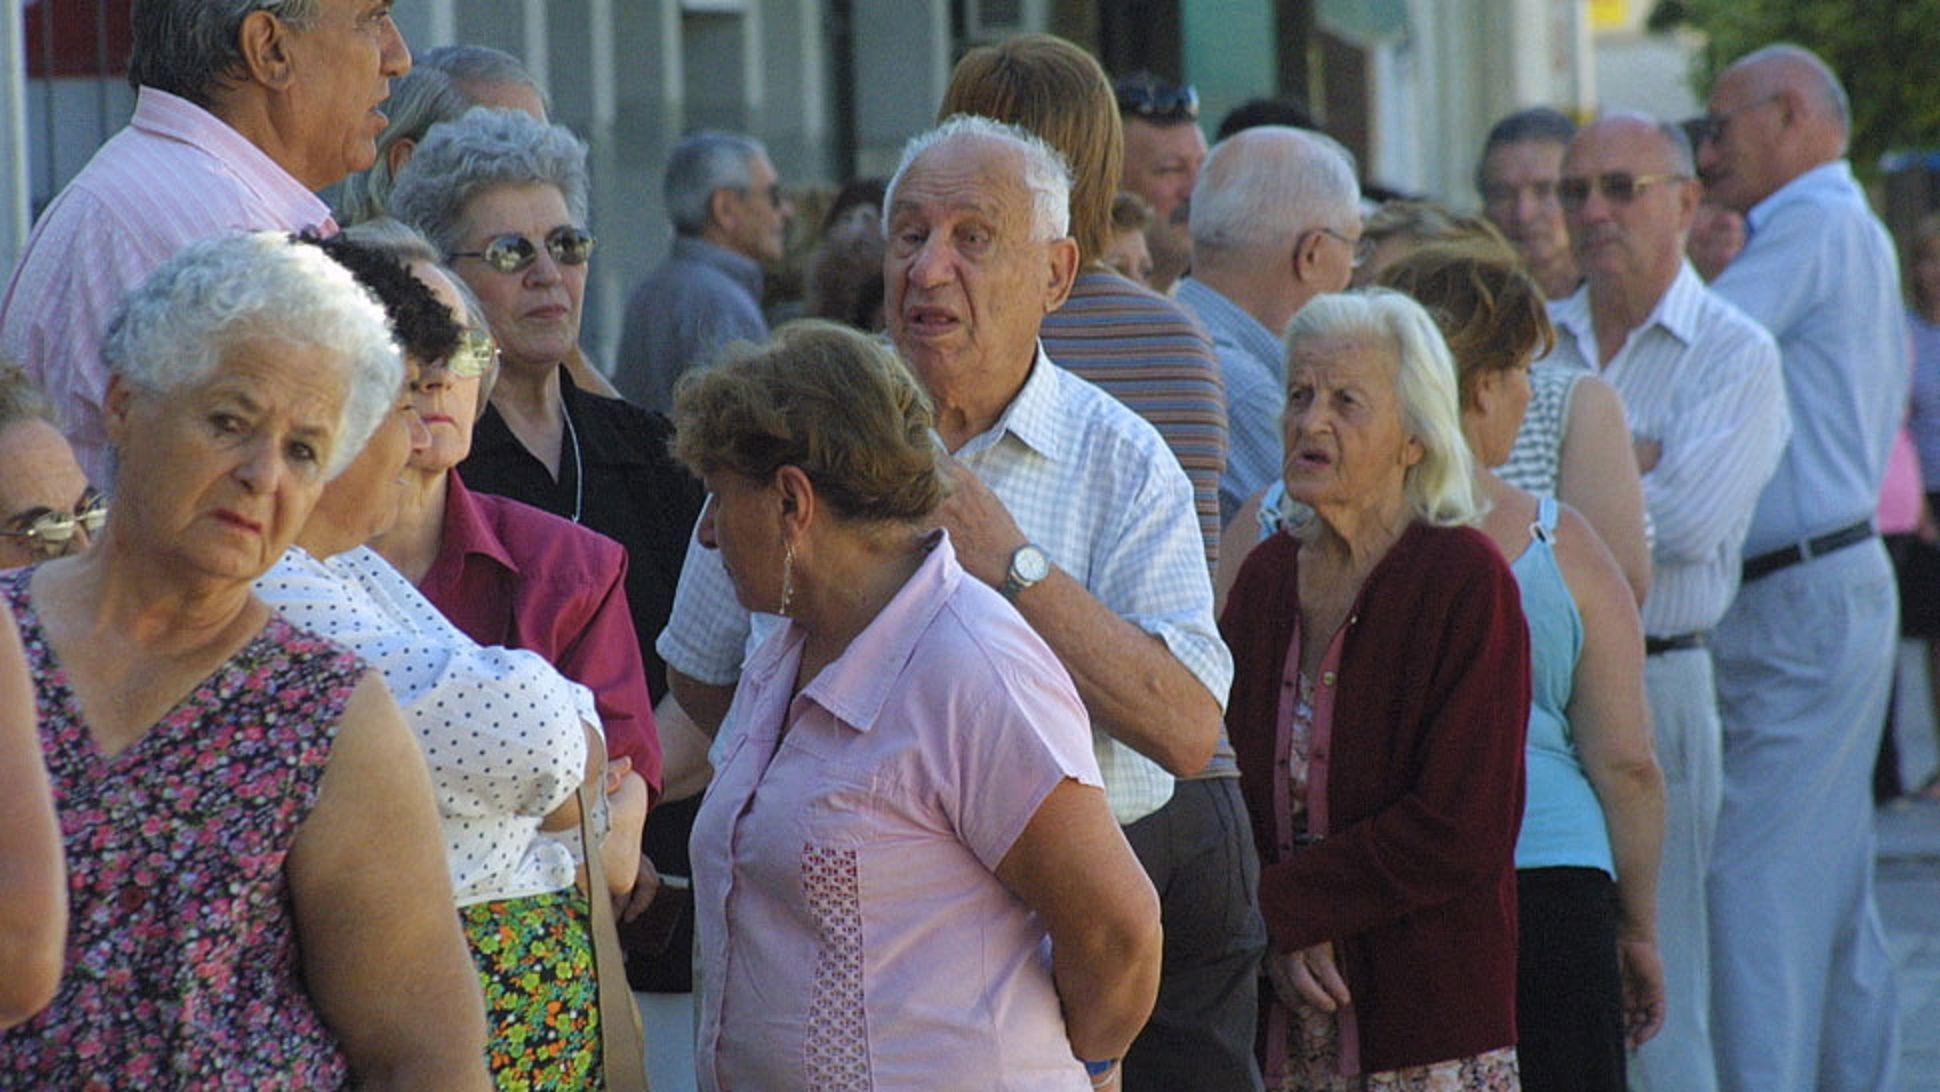 El 38% de los jubilados dice que sus ingresos no les alcanzan para vivir